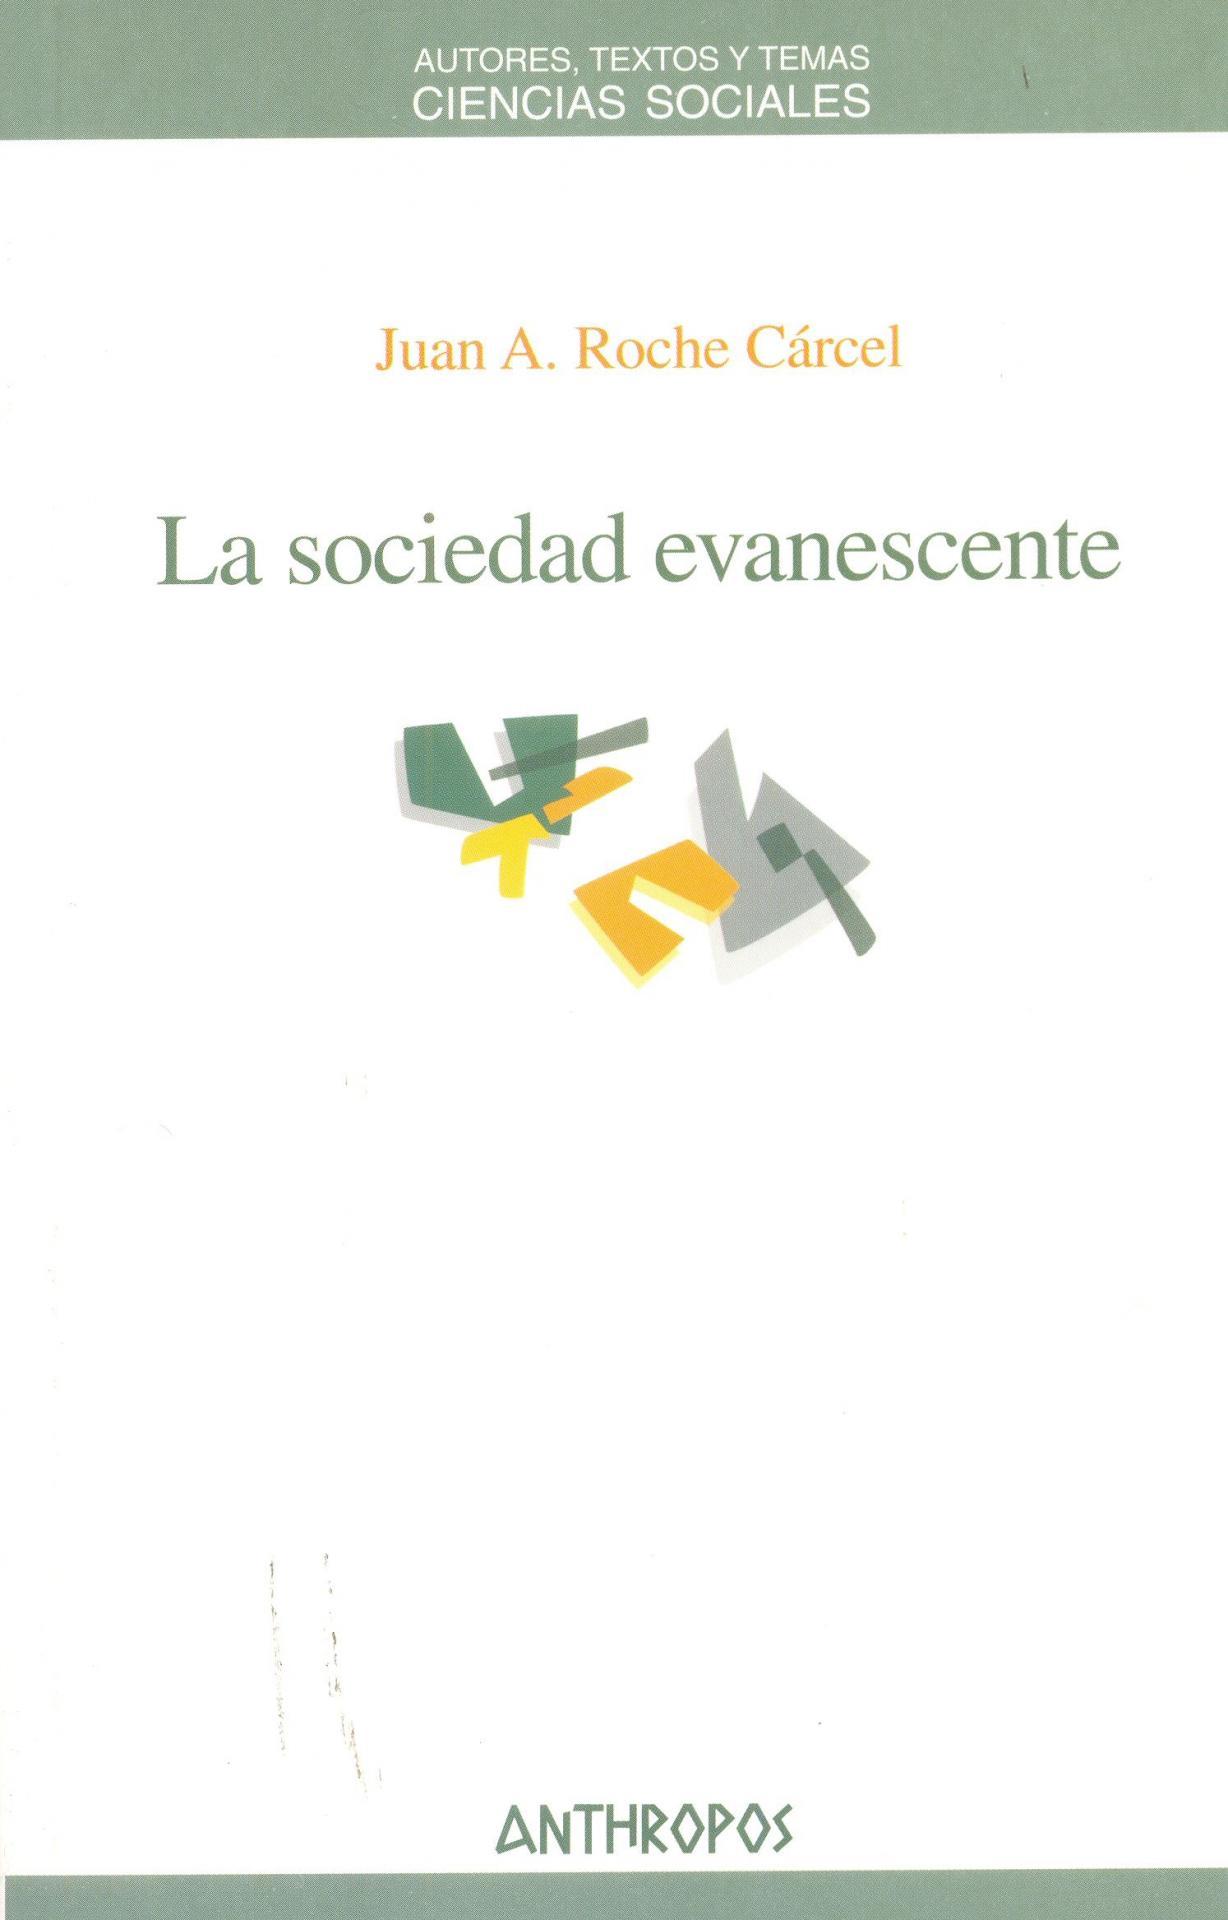 LA SOCIEDAD EVANESCENTE. Roche, J.A.